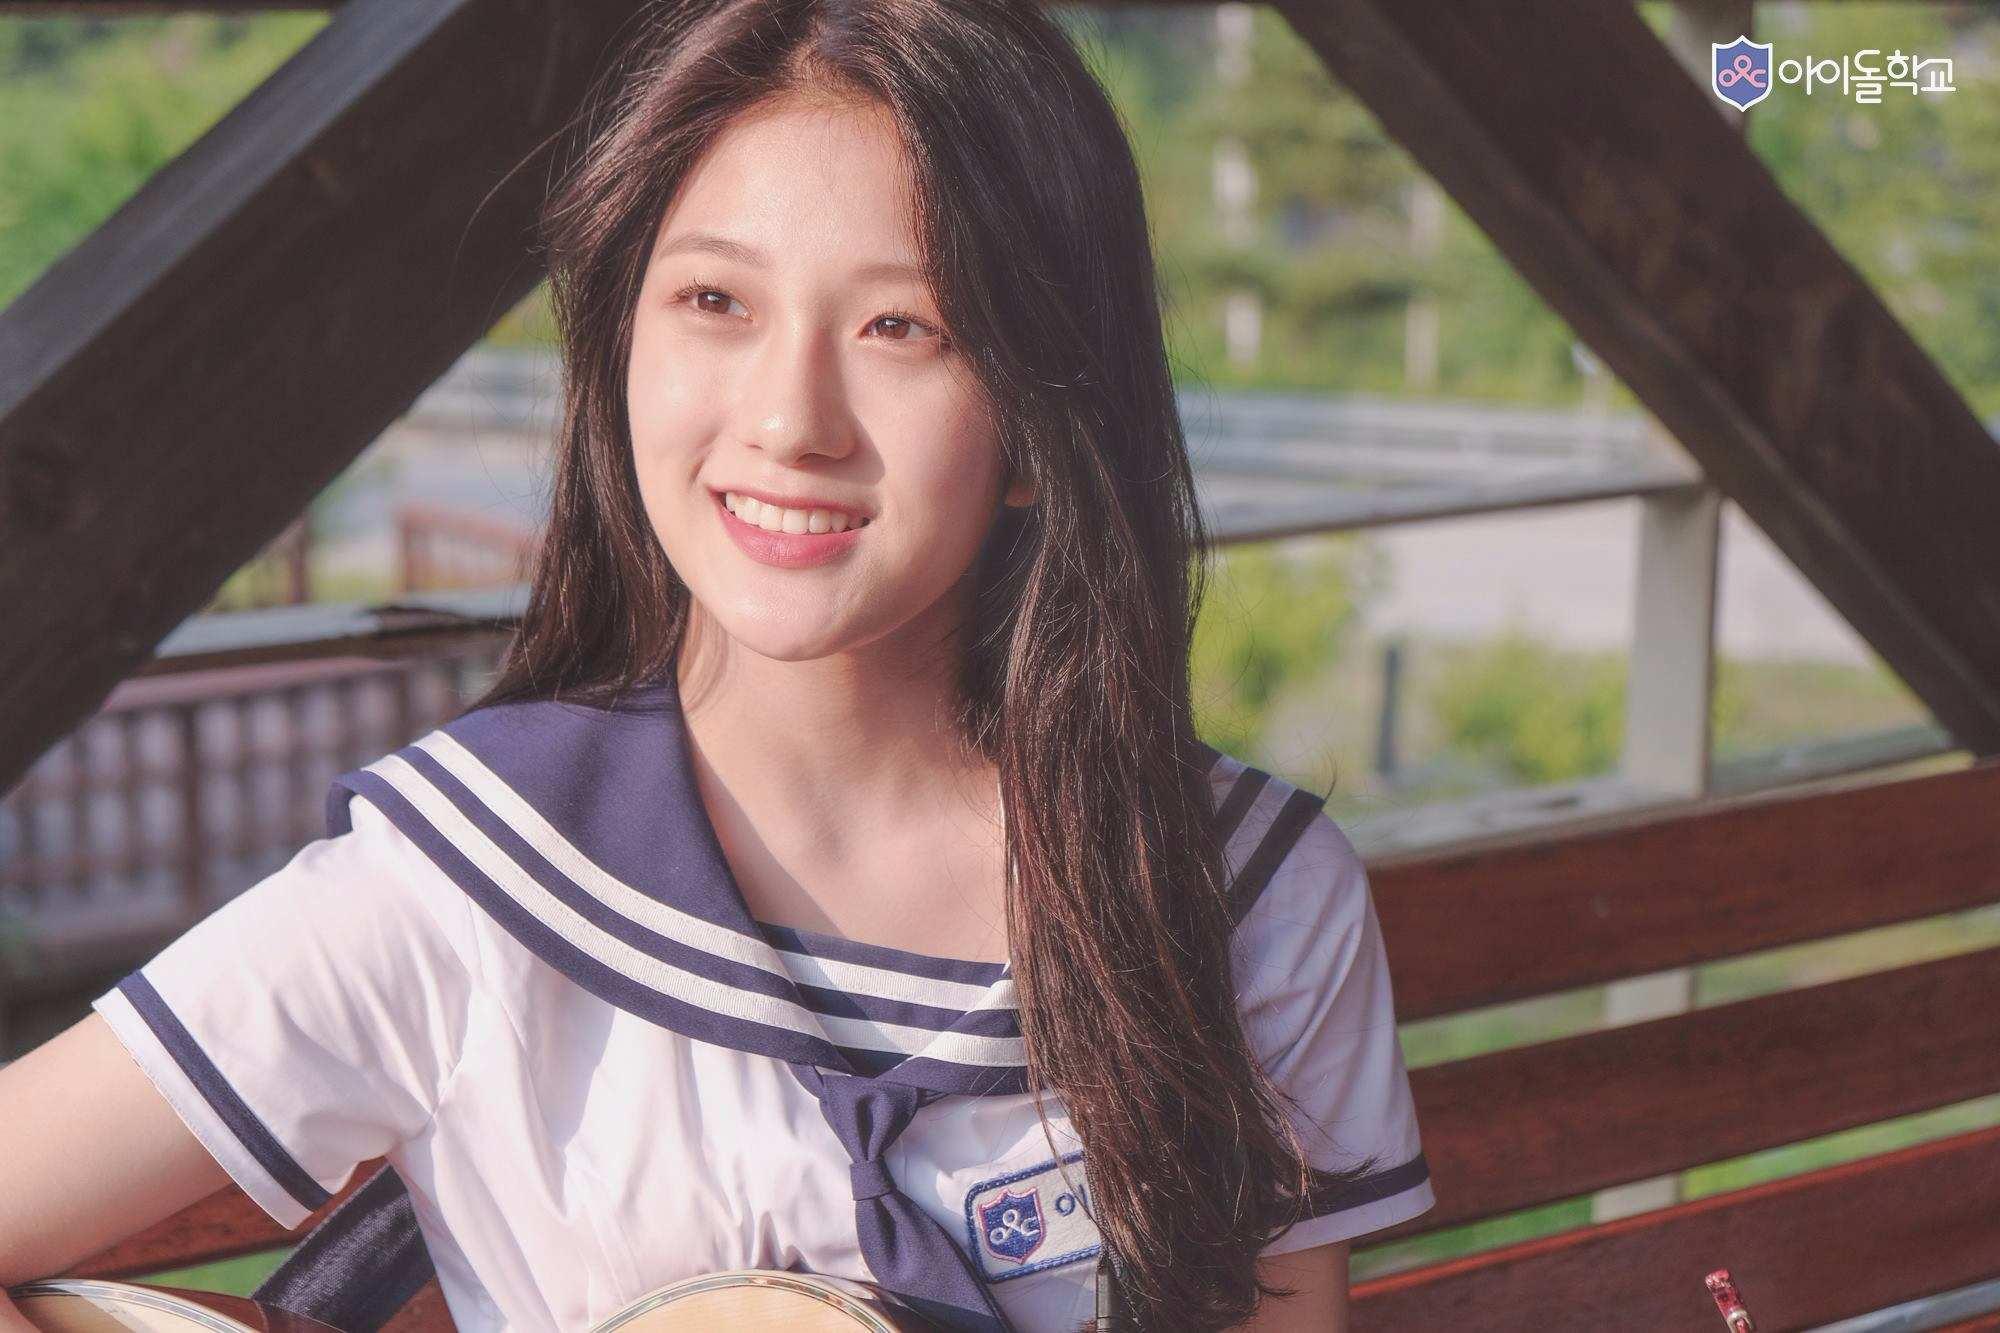 既然SM和JYP都出來當然也少不了YG,李敍延曾在YG當過6年的練習生,還曾出演過GD和TOP《KNOCK OUT》的MV,MV裡跟GD一起跳舞的小女孩就是她,但相比其他兩大公司的練習生的她顯得相當安靜